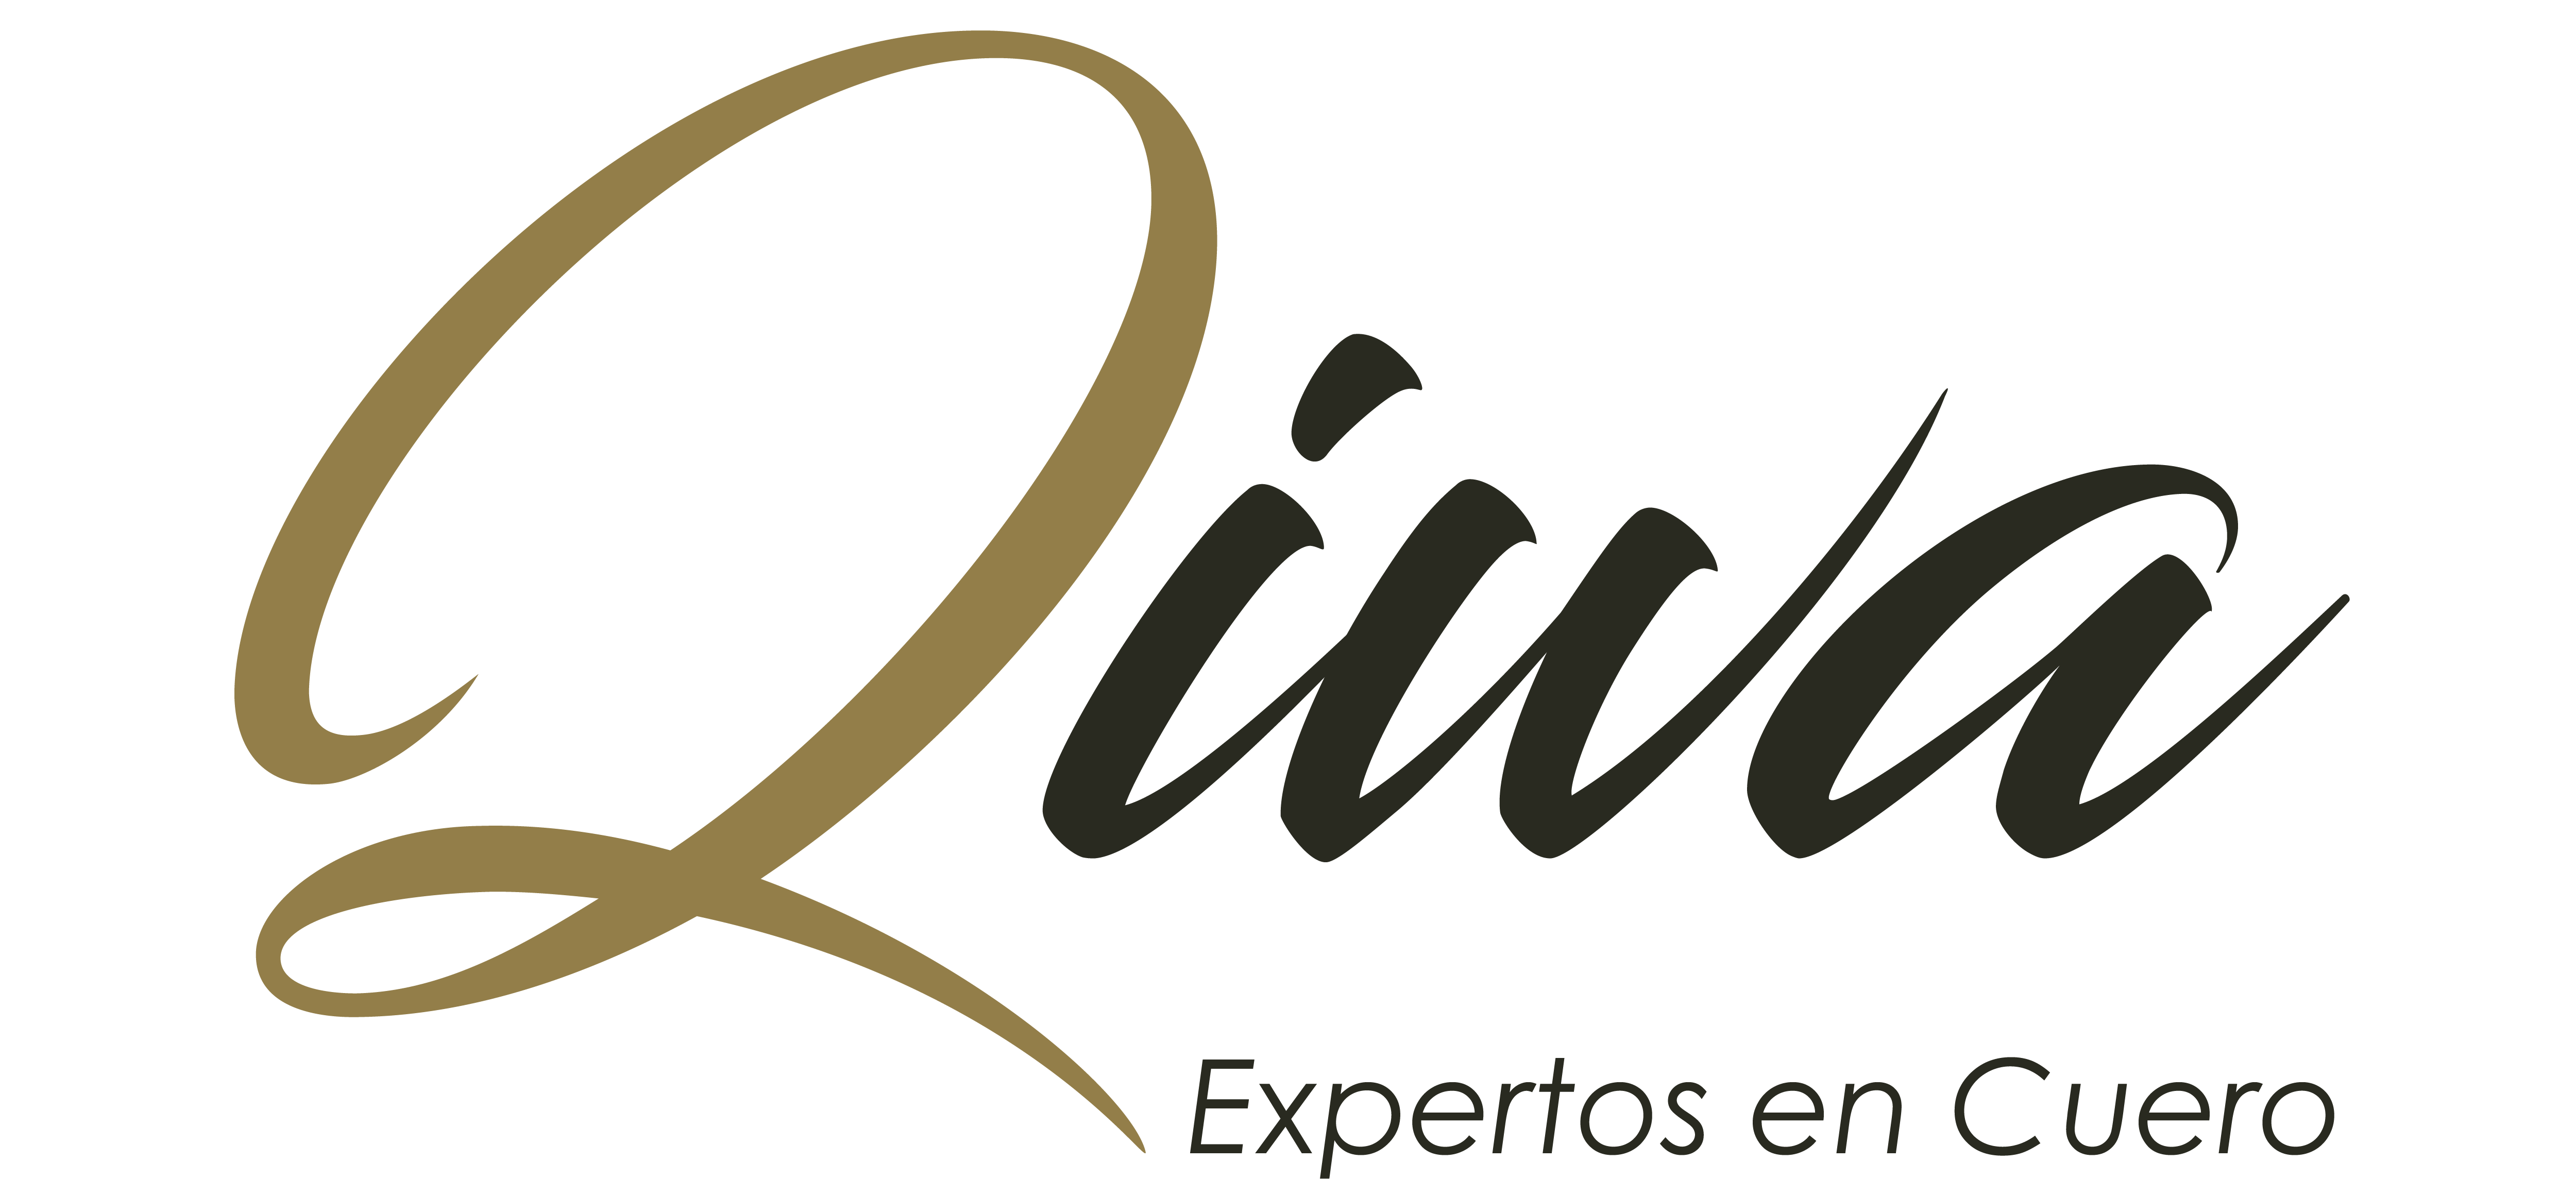 Qiwa Cueros